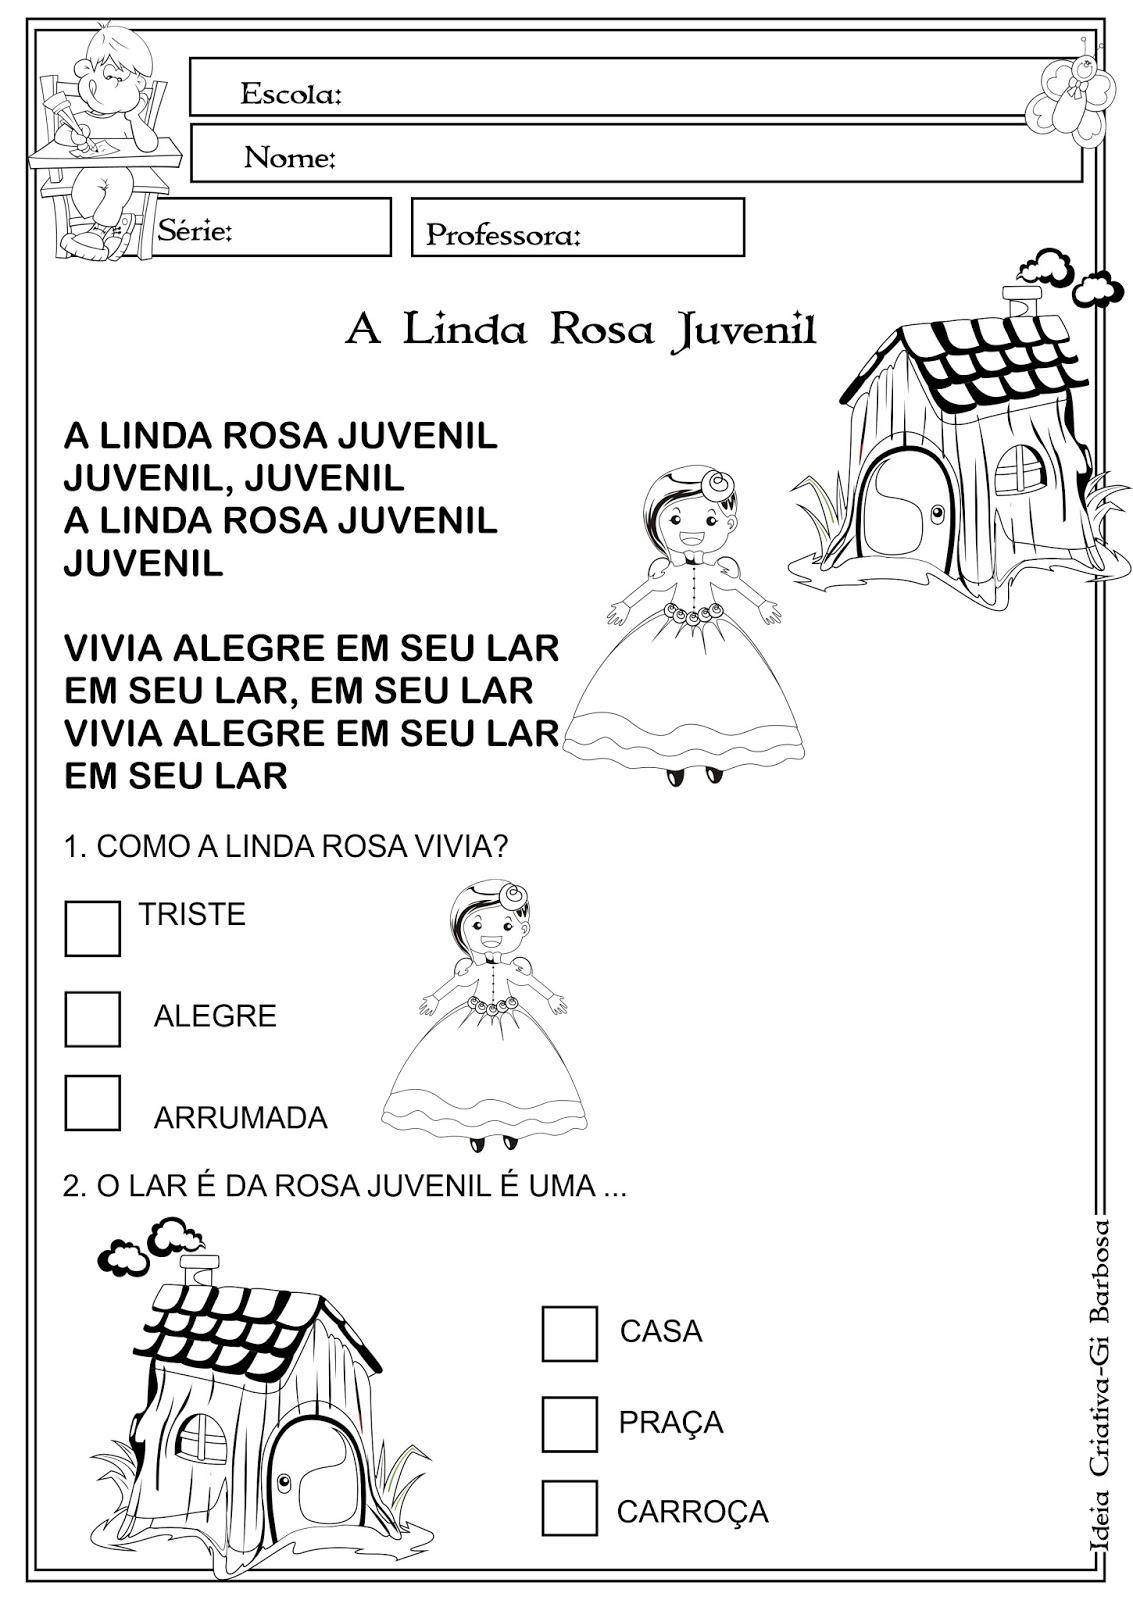 Atividade A Linda Rosa Juvenil Interpretacao De Texto Com Questoes